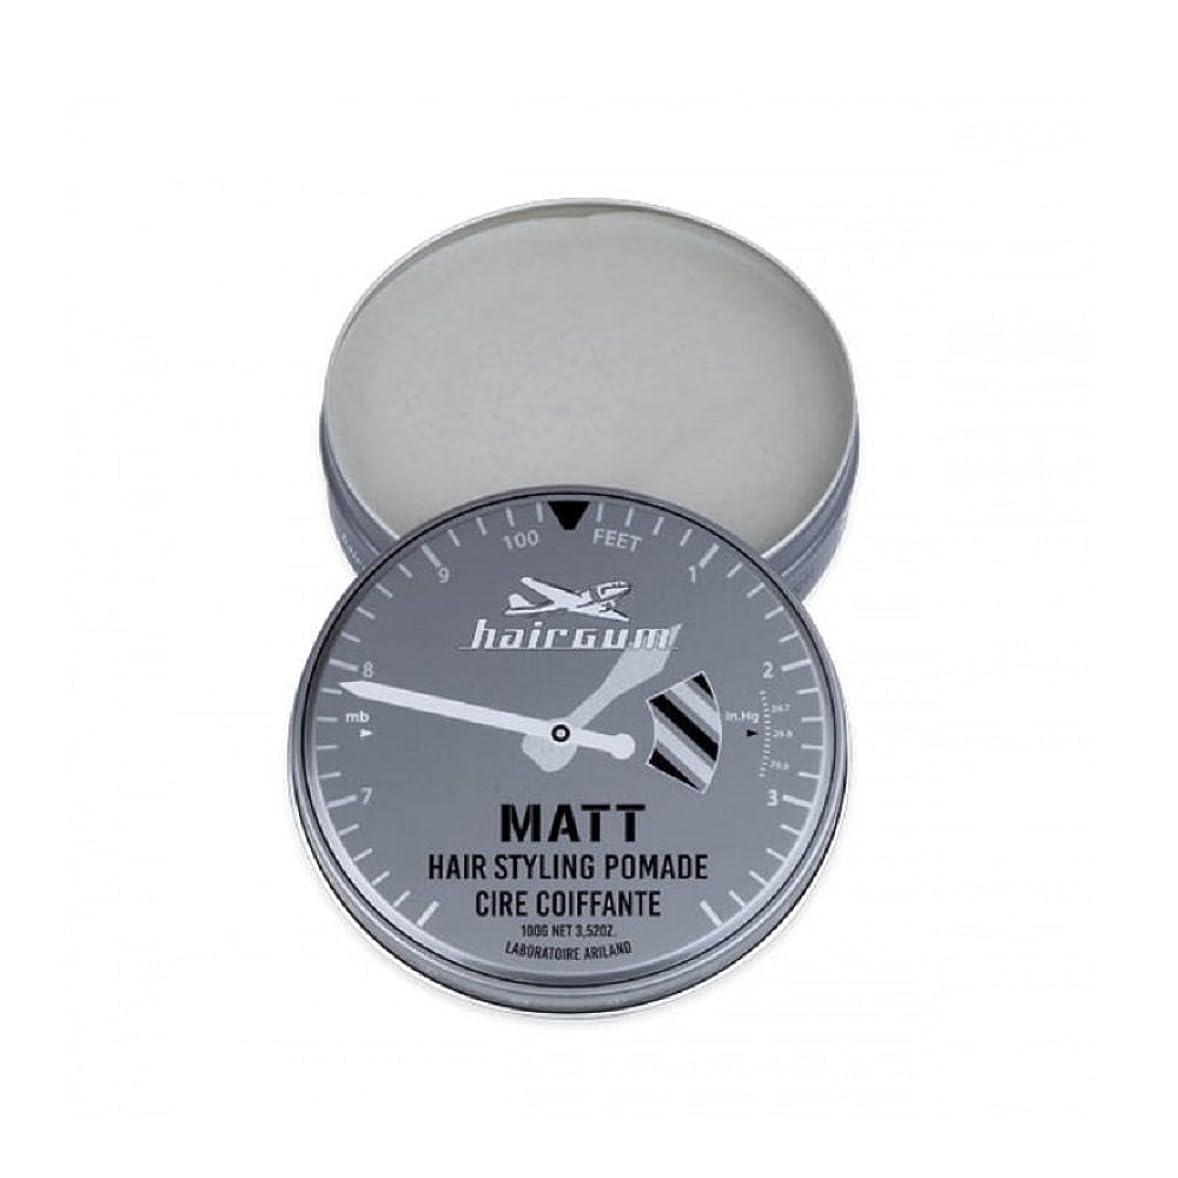 繁栄する切手予知hairgum(ヘアガム) Matt Pomade 100g ヘアガム マット 油性 ポマード グリース